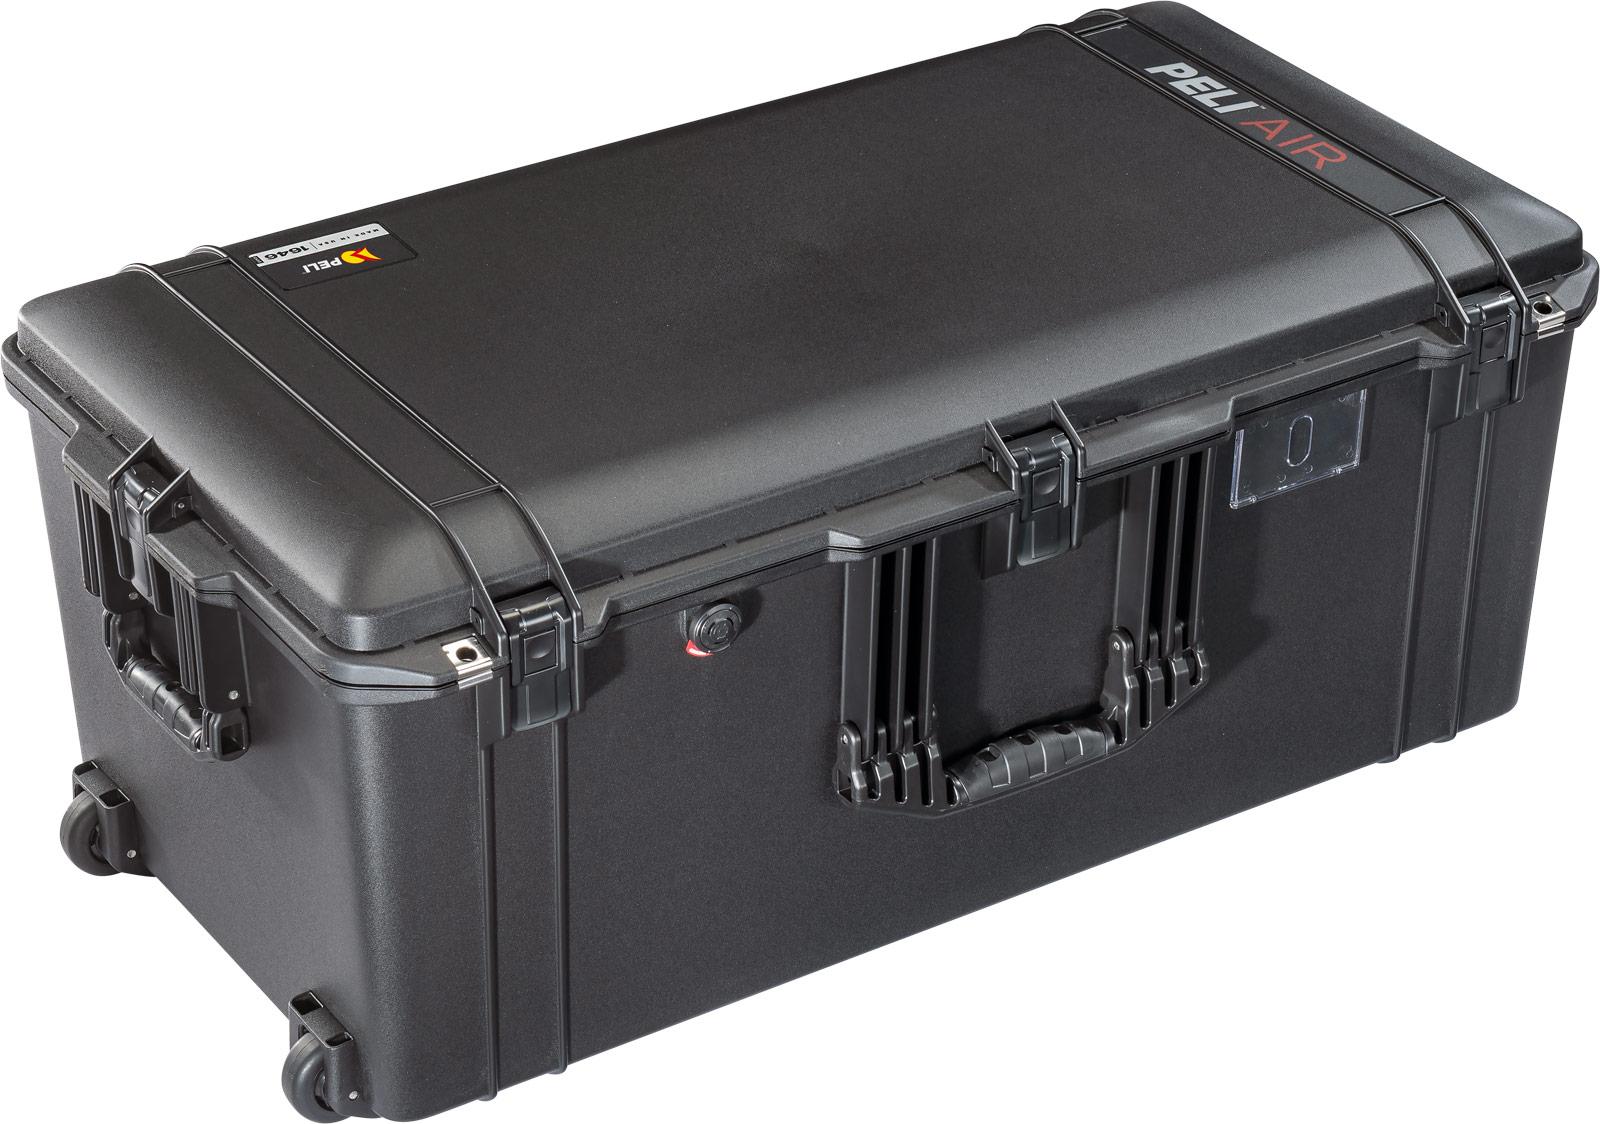 peli air 1646 lightweight hard case